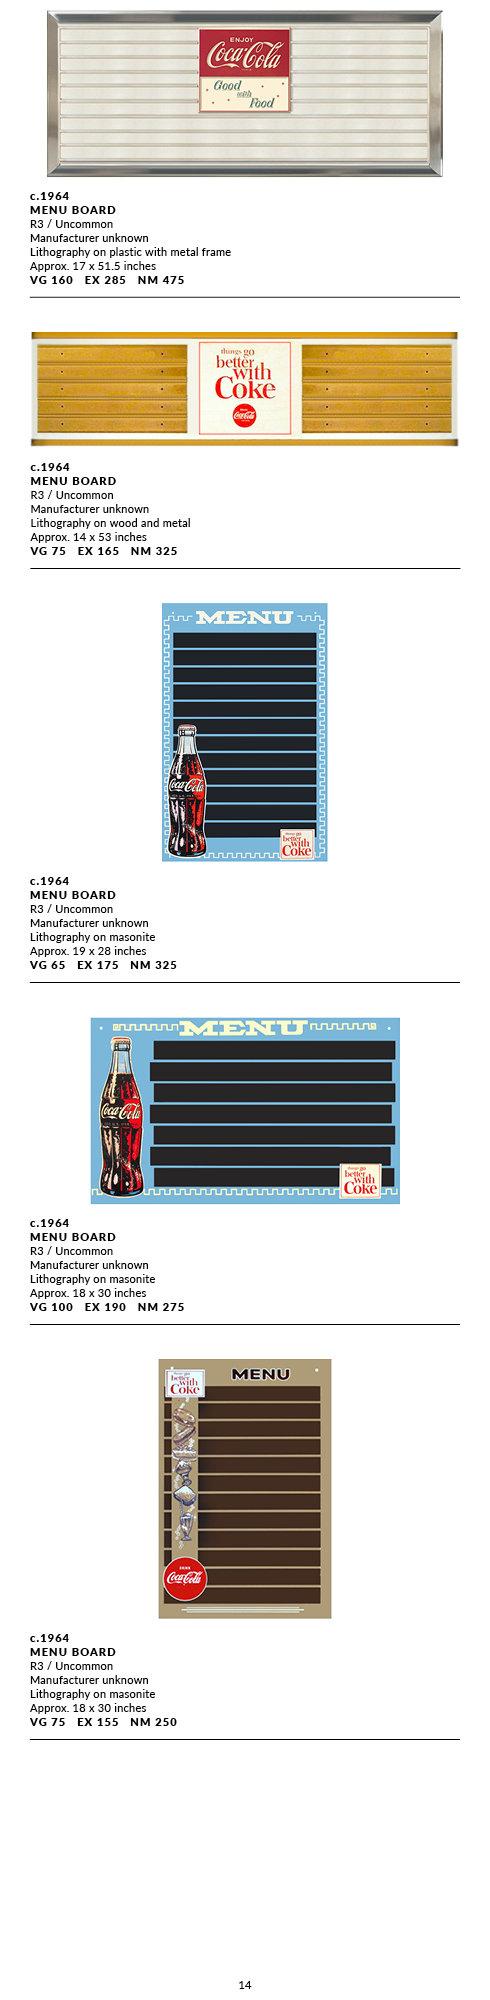 Menu Boards14.jpg